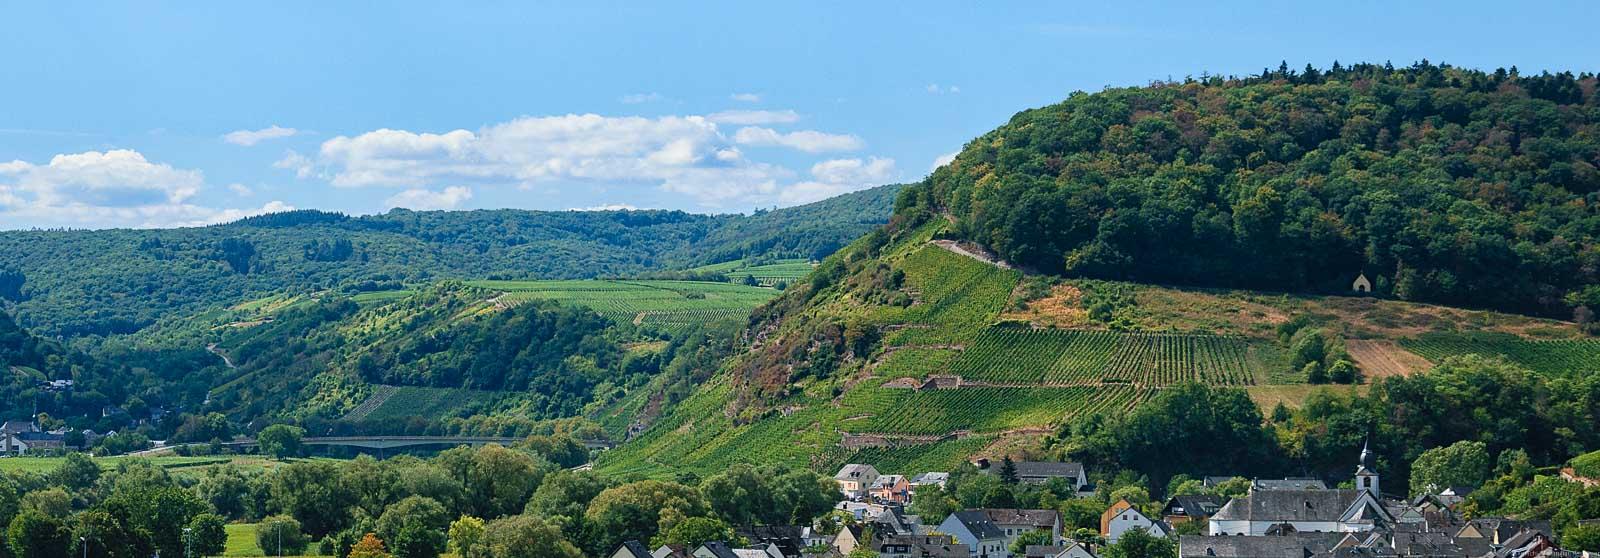 Vorne rechts befinden sich Häuser des Ortes Klüsserath. Dahinter türmt sich der steile Weinberg Klüsserather Bruderschaft auf. Am oberen Ende des Weinberges befindet sich Wald. Im Hinterrund sind weitere Weinberge, bewaldete Hügel, blauer Himmel und Wolken.